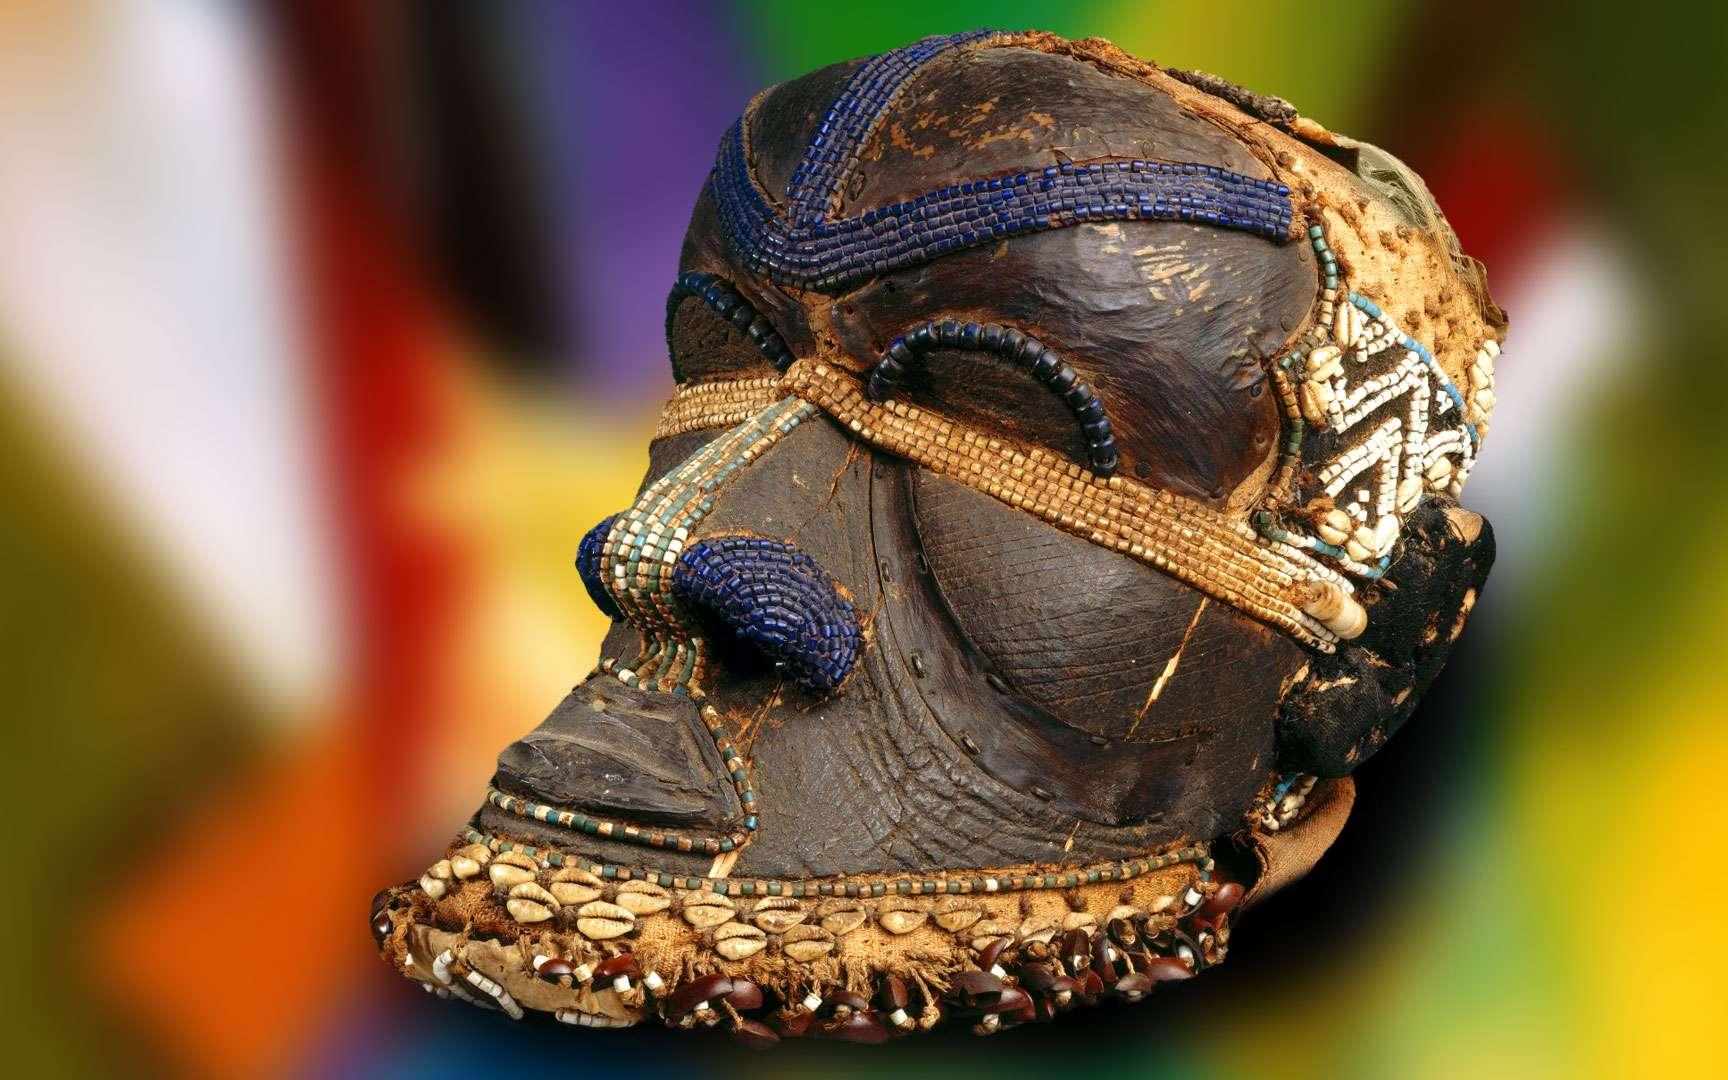 Masque Bwoom du royaume kuba. Le royaume kuba, une entité étatique et politique située en République démocratique du Congo, regroupe environ 20 peuples. La mythologie des Kubas tourne autour de trois figures principales : Woot, le créateur de la dynastie dirigeante, sa femme et Bwoom, le petit frère de Woot. Ce masque, exposé au Brooklyn Museum à New York, représente le visage de Bwoom. Localisation : République démocratique du Congo. © Brooklyn Museum, Wikimedia Commons, CC by 3.0